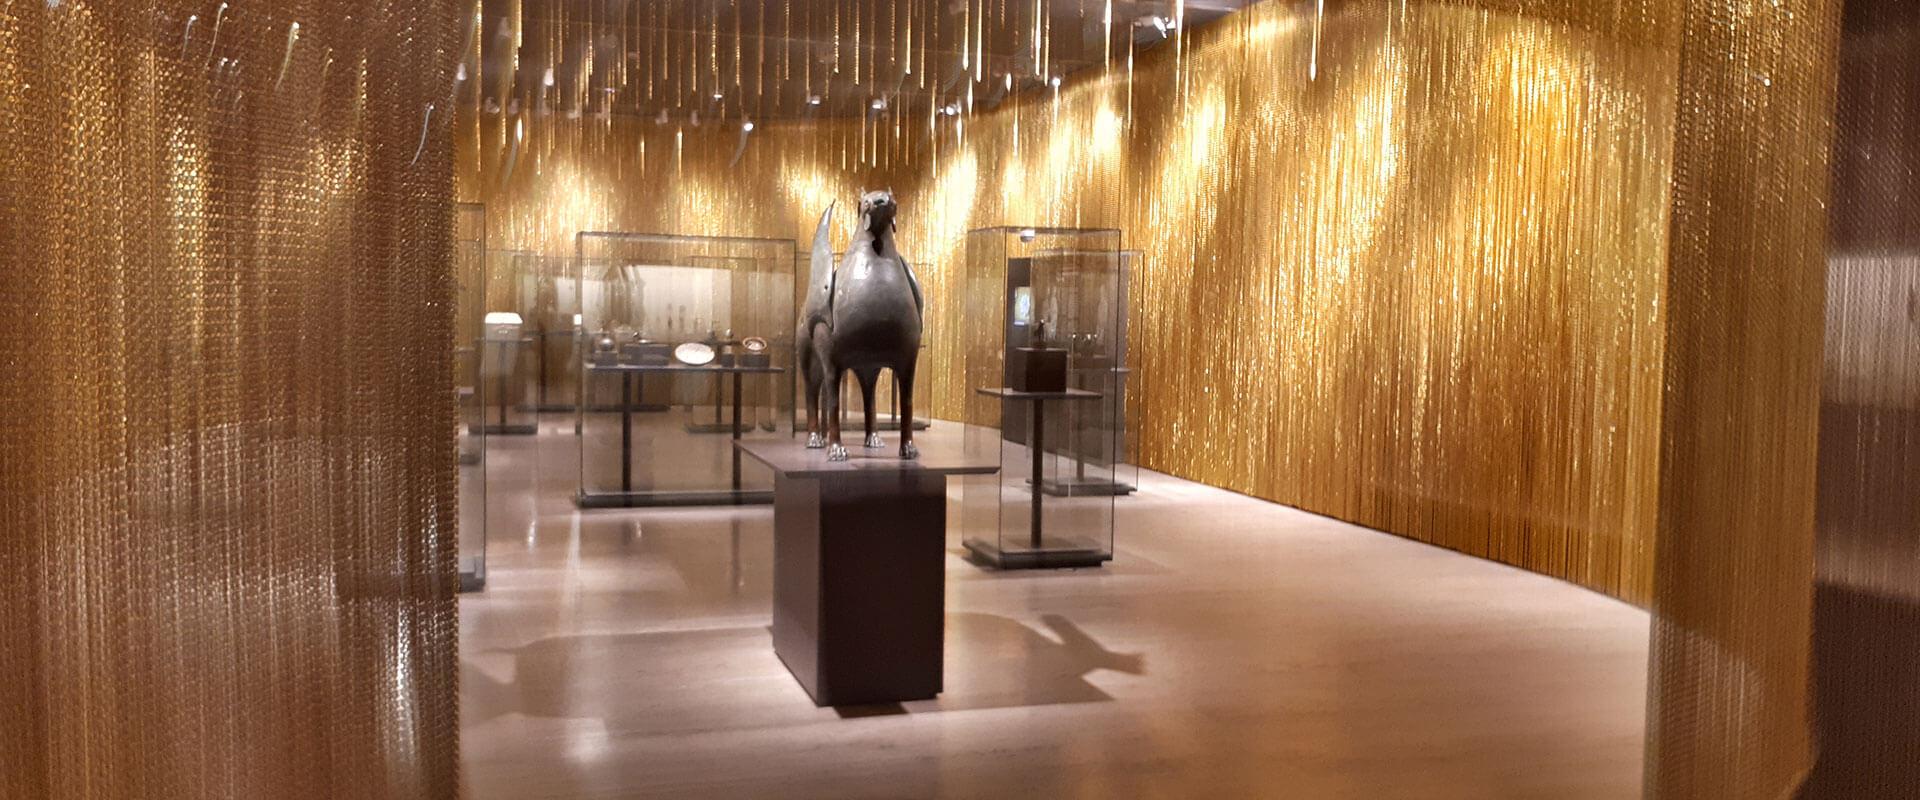 Premio 2020, Categoría de Interiorismo, del Colegio Oficial de Arquitectos de Madrid